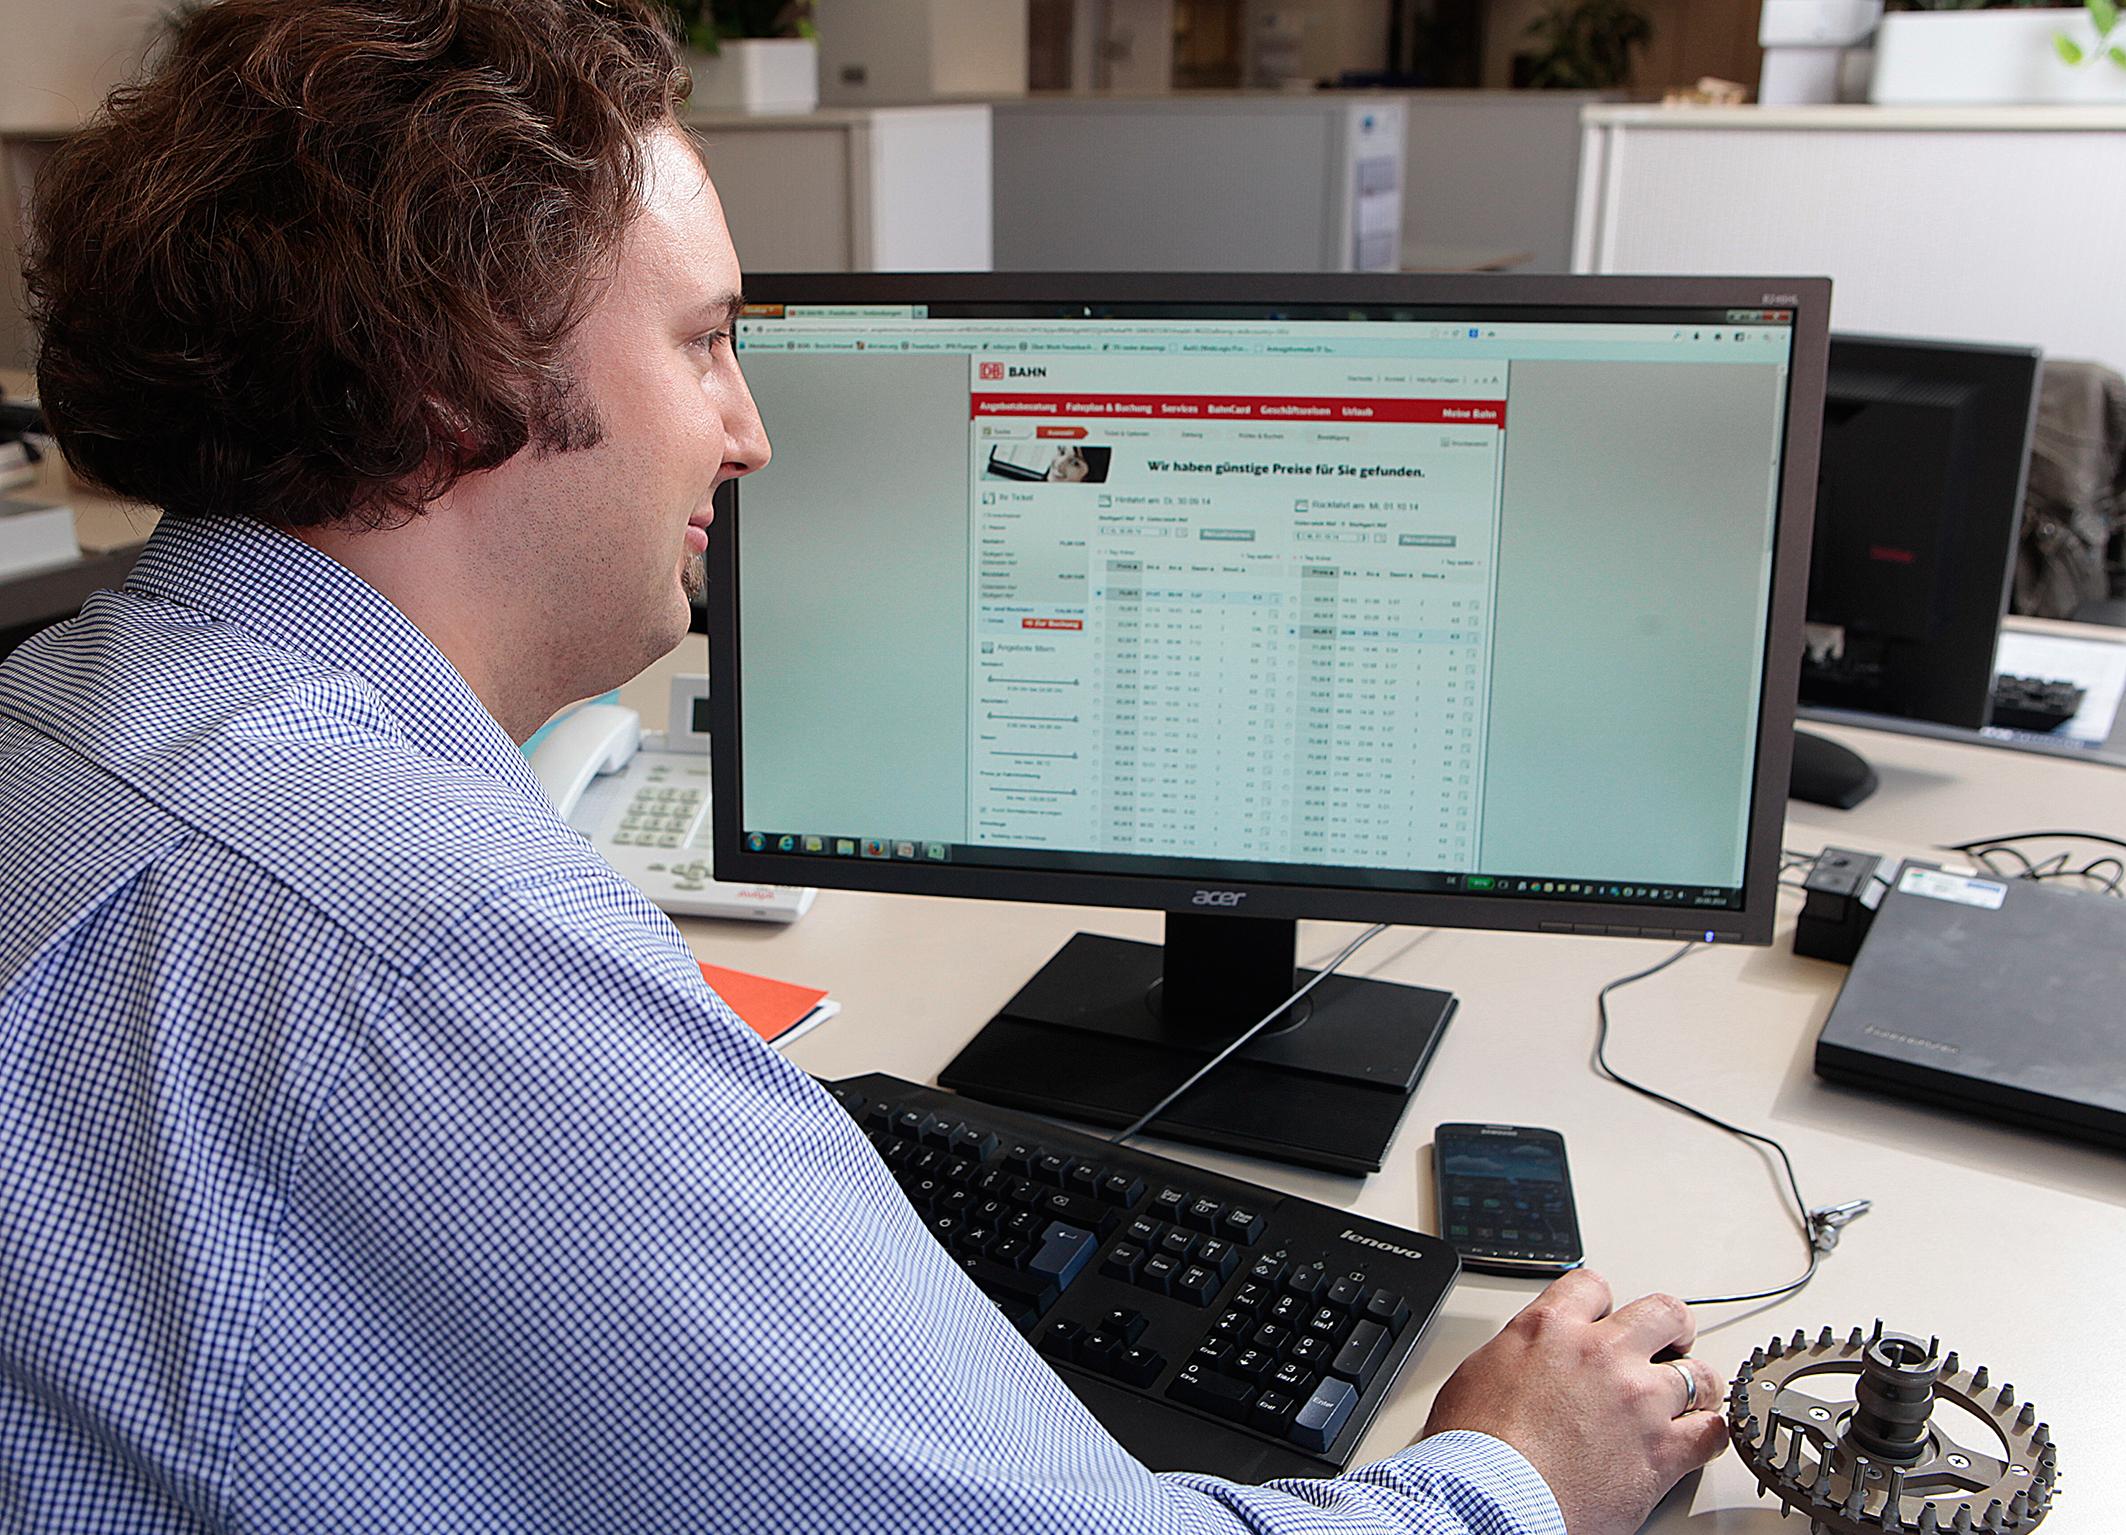 Private Nutzung von E-Mail, Telefon und Internet bei Bosch